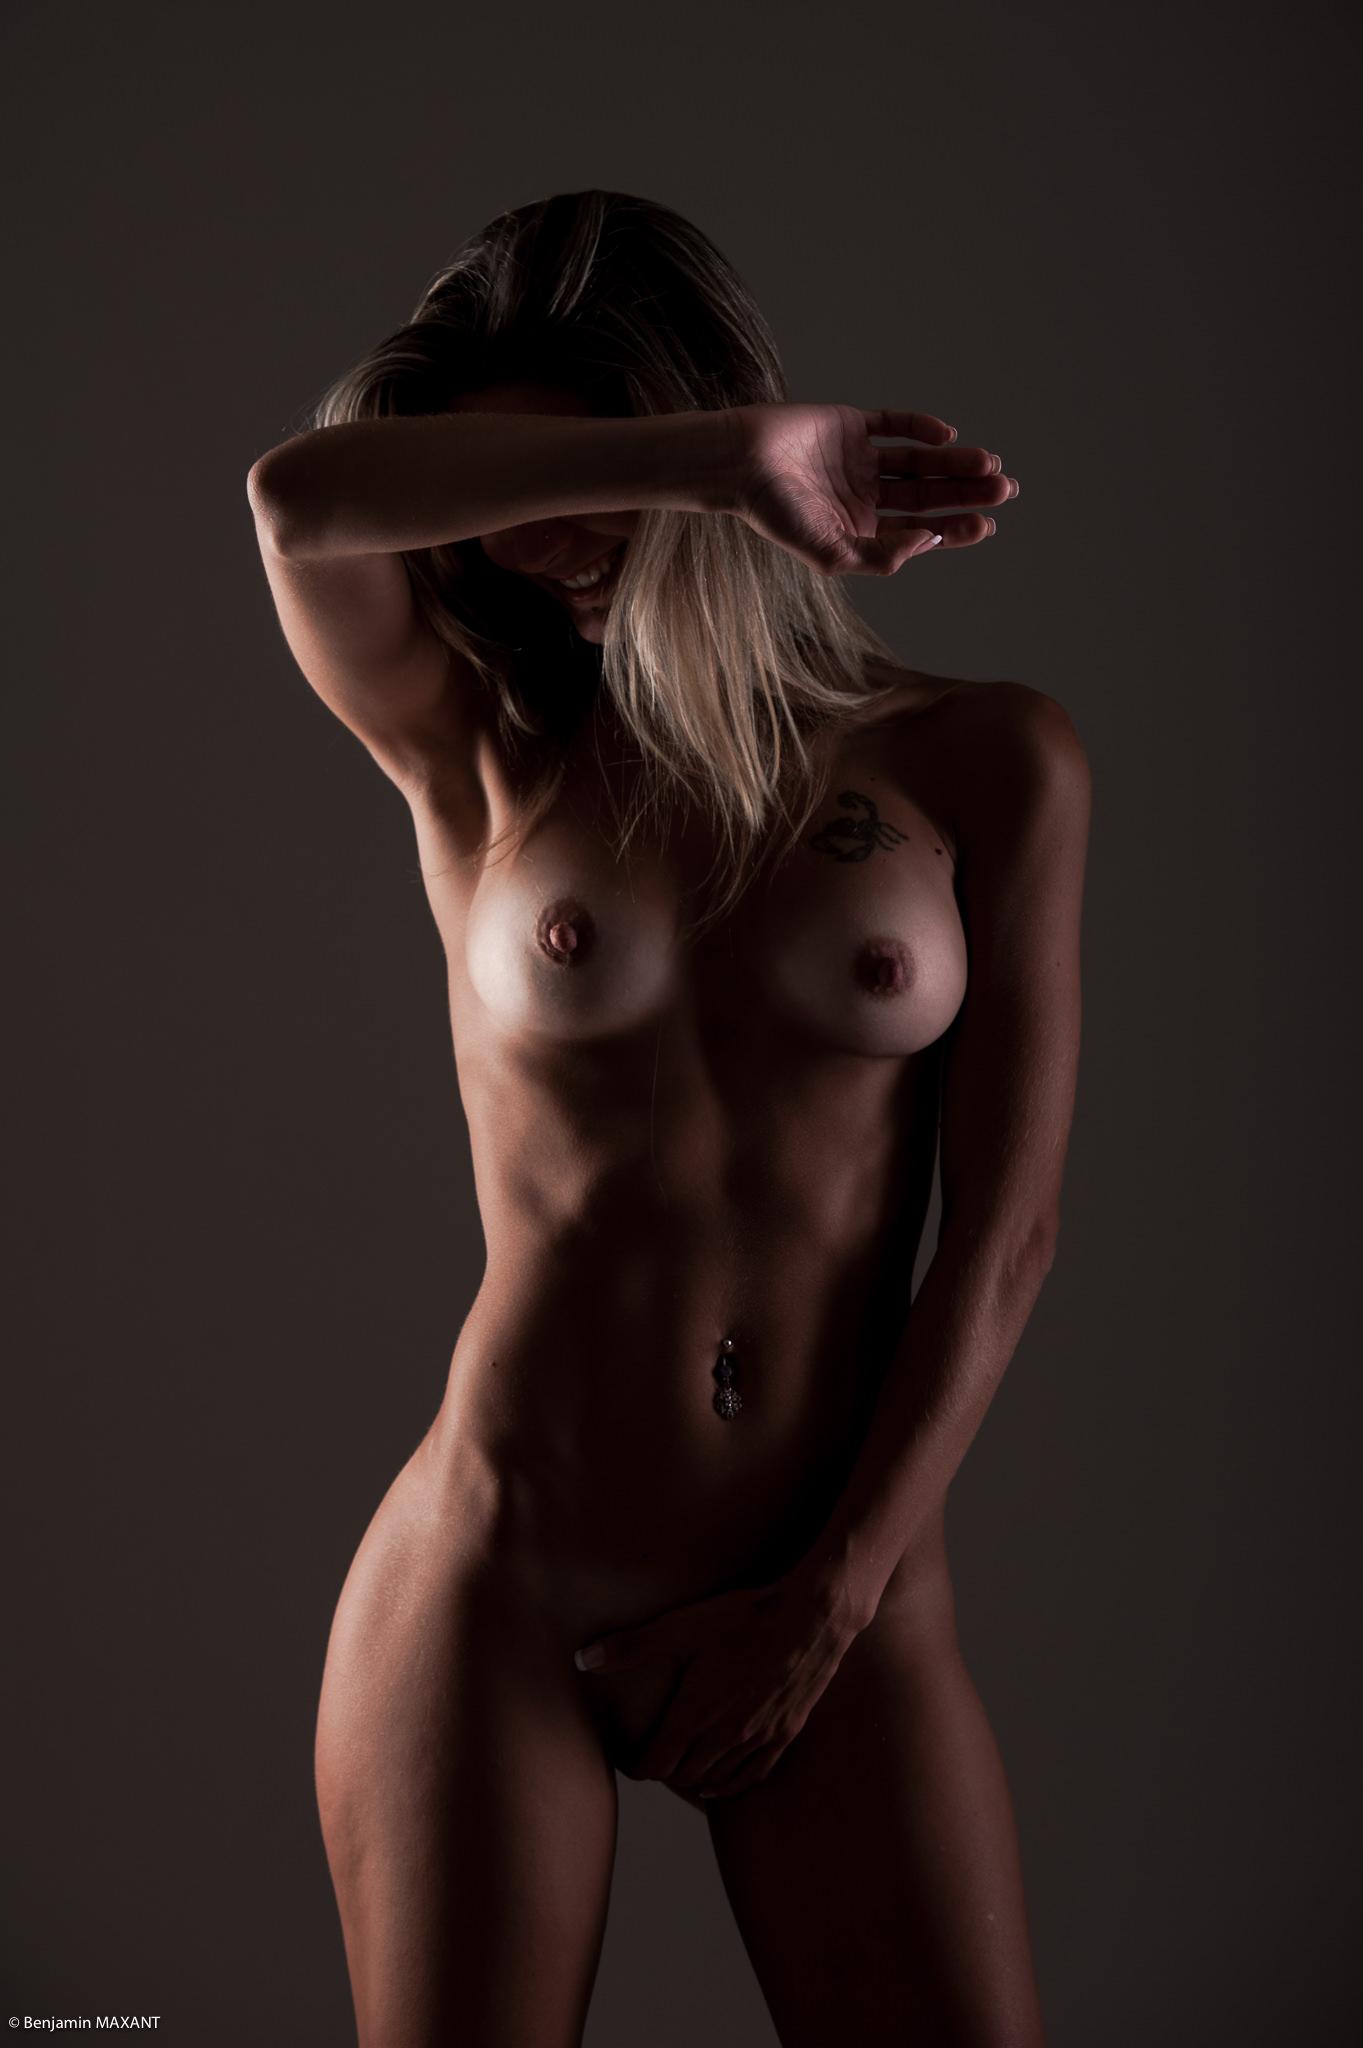 Séance photo lingerie en studio avec Emeline - nue visage caché